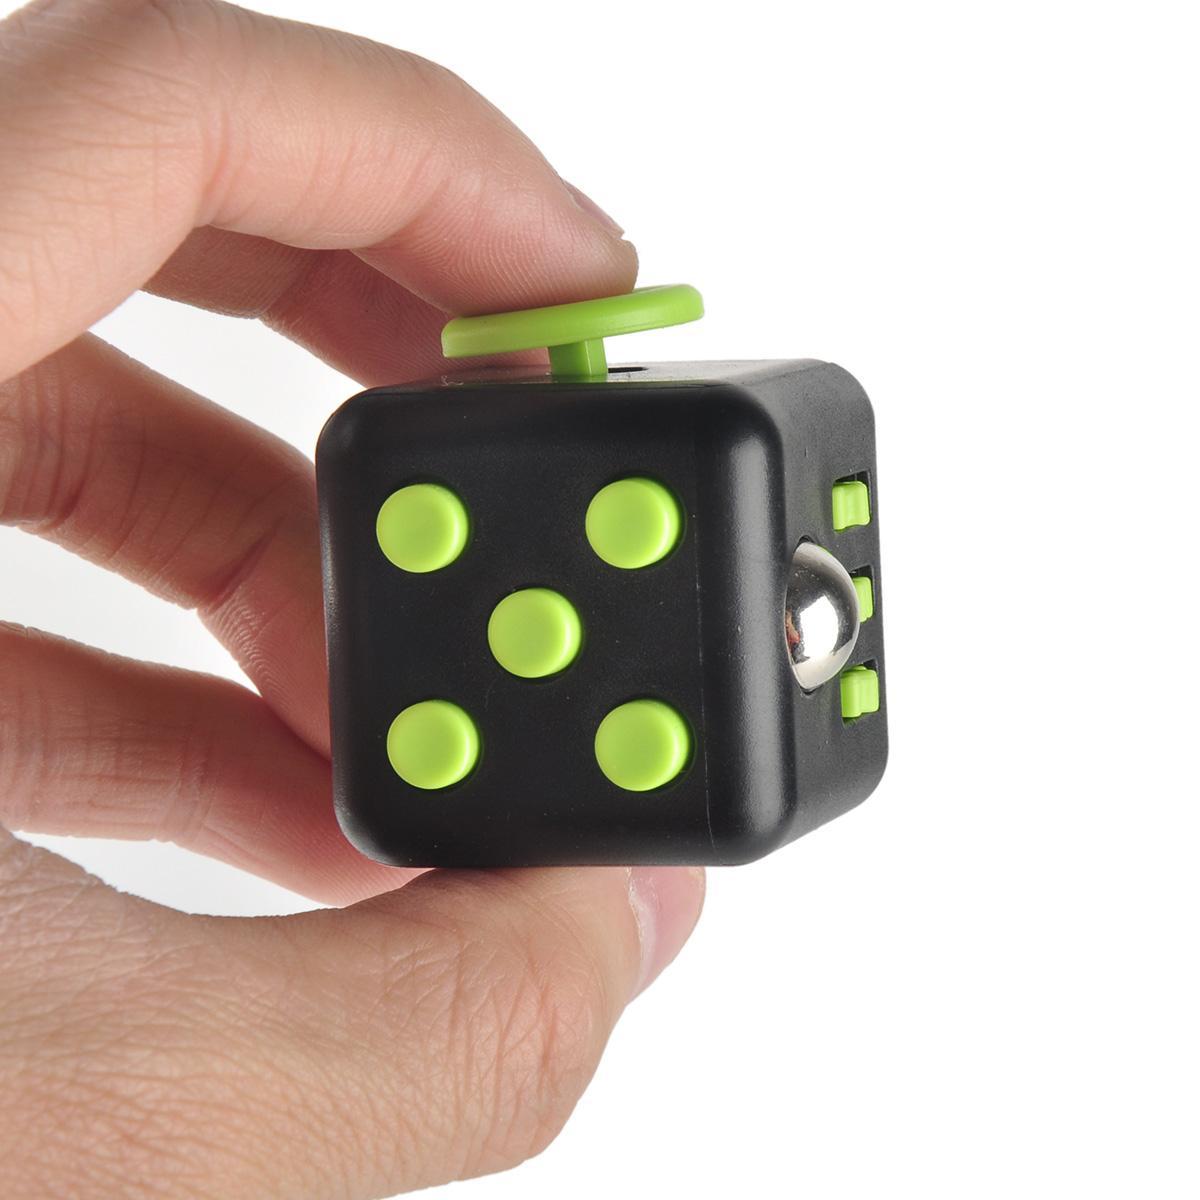 [@eBayDE] Fidget Cube - Fummelwürfel für 7,99 (Schwarz/Grün)